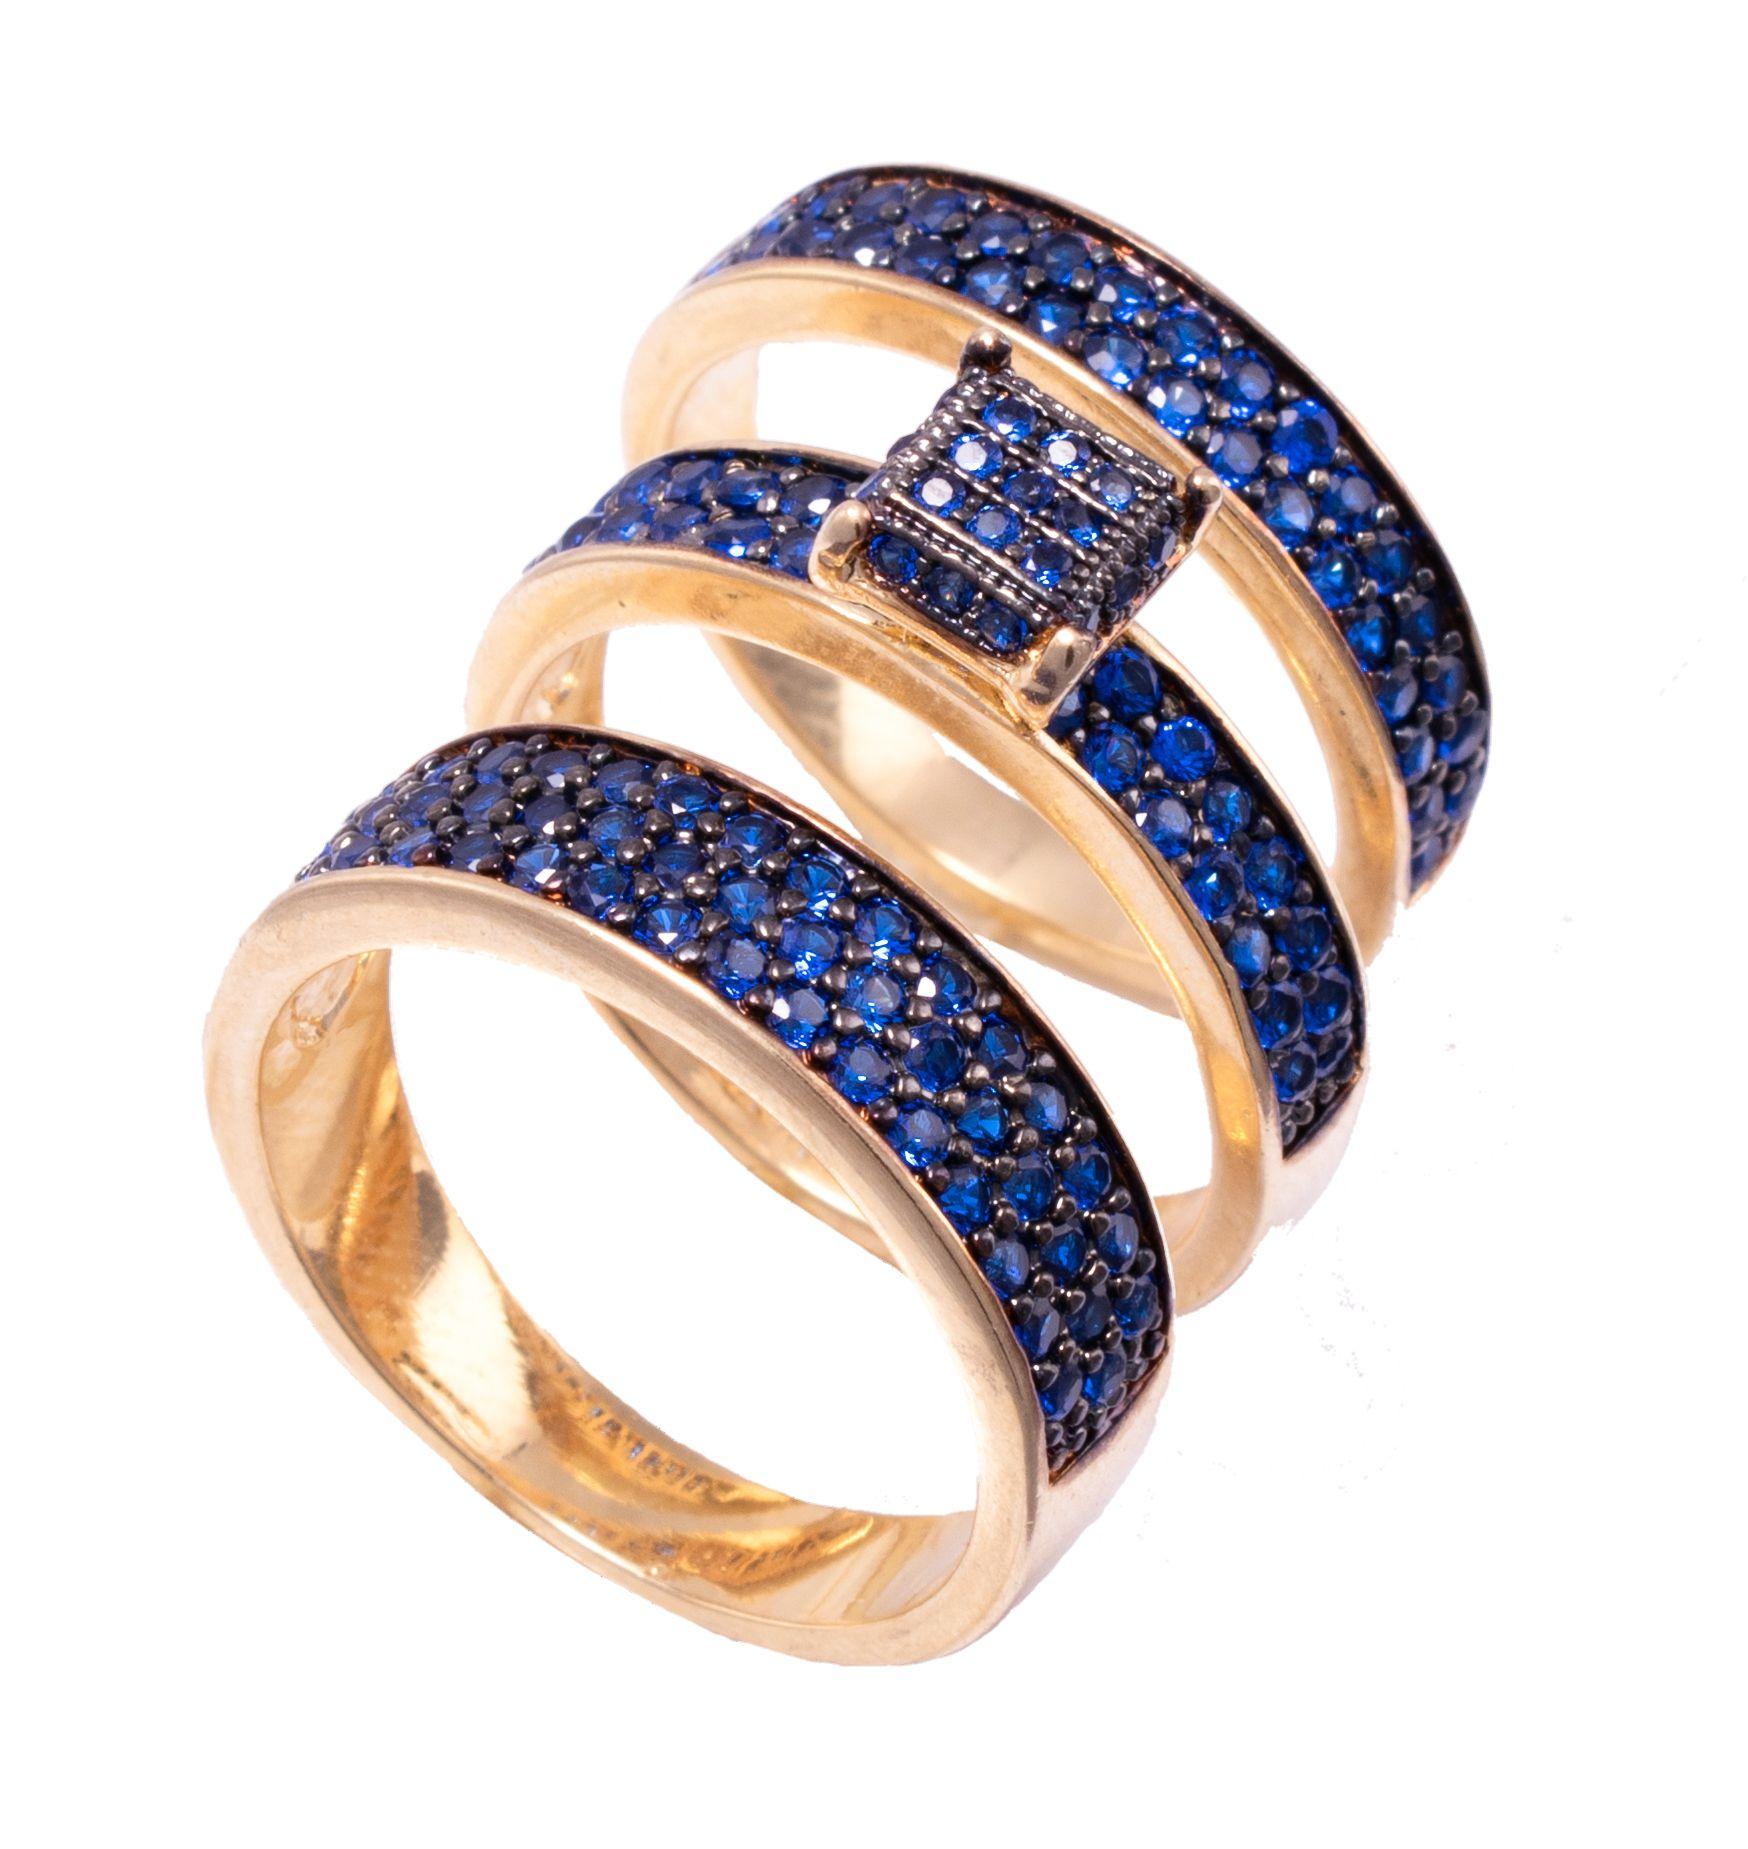 Trio de Anéis Solitário e Aparador com Zircônia Azul Folheado em Ouro 18k - Giro Semijoias